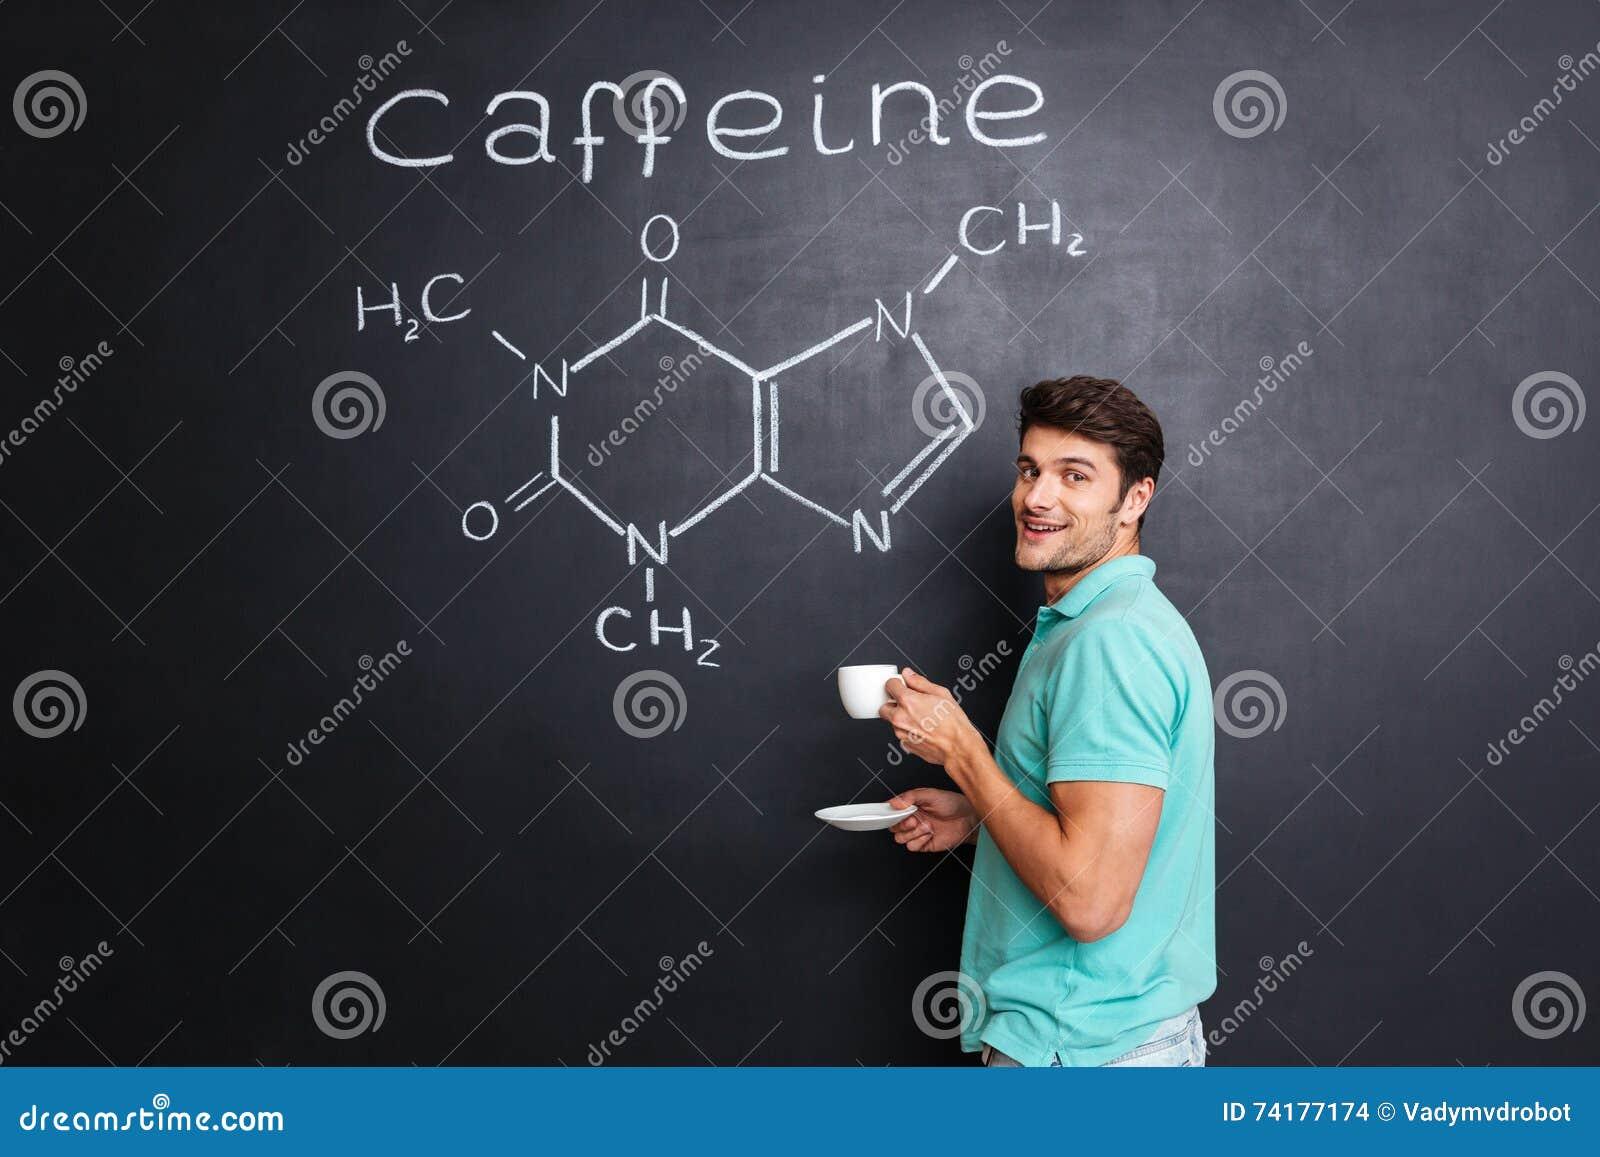 愉快的在咖啡因分子化学结构的科学家饮用的咖啡